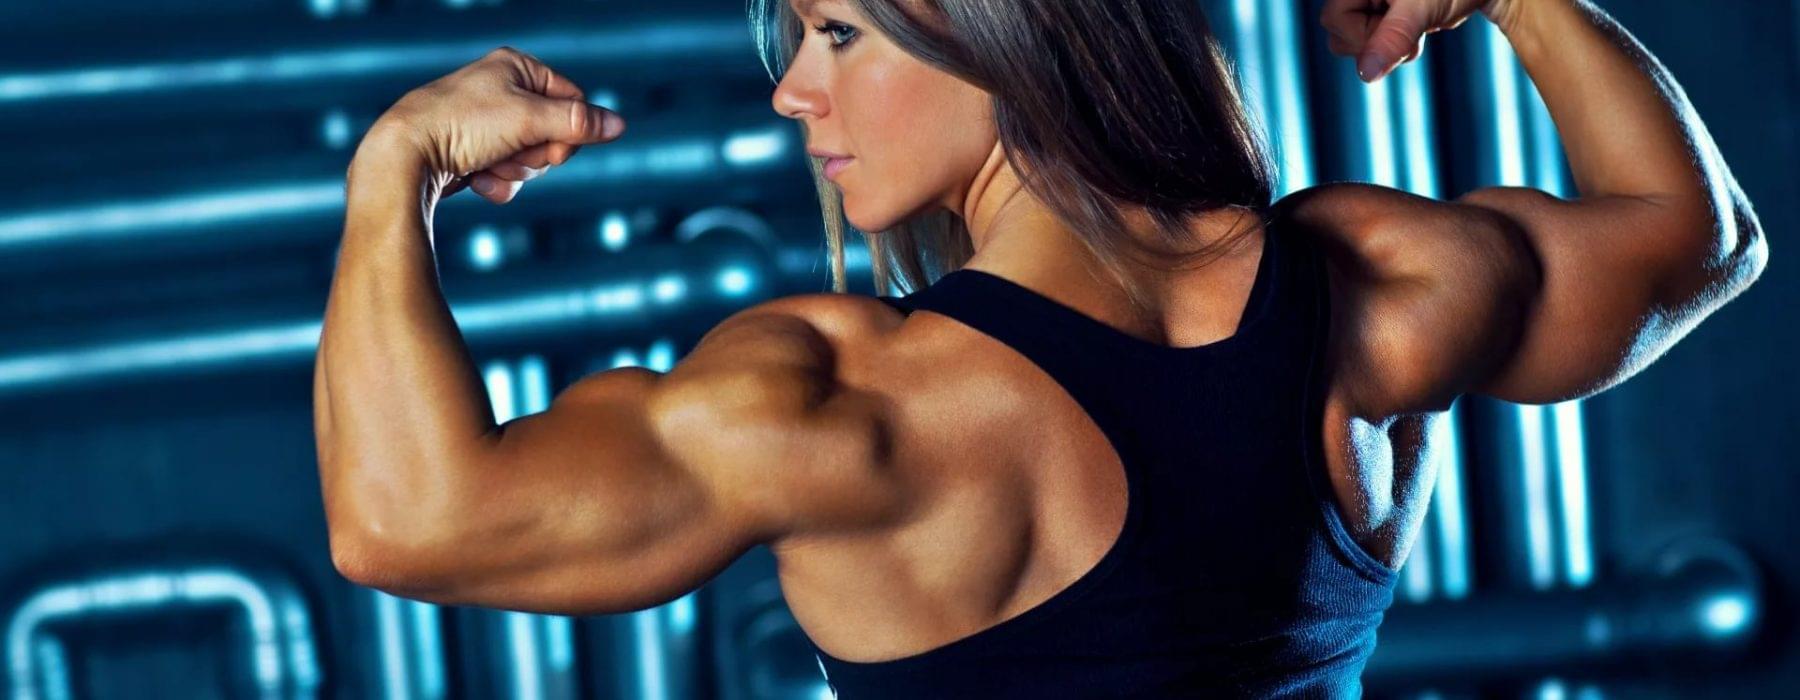 Силовой тренинг приведет к большему приросту мышечной массы в сочетании с теплотерапией